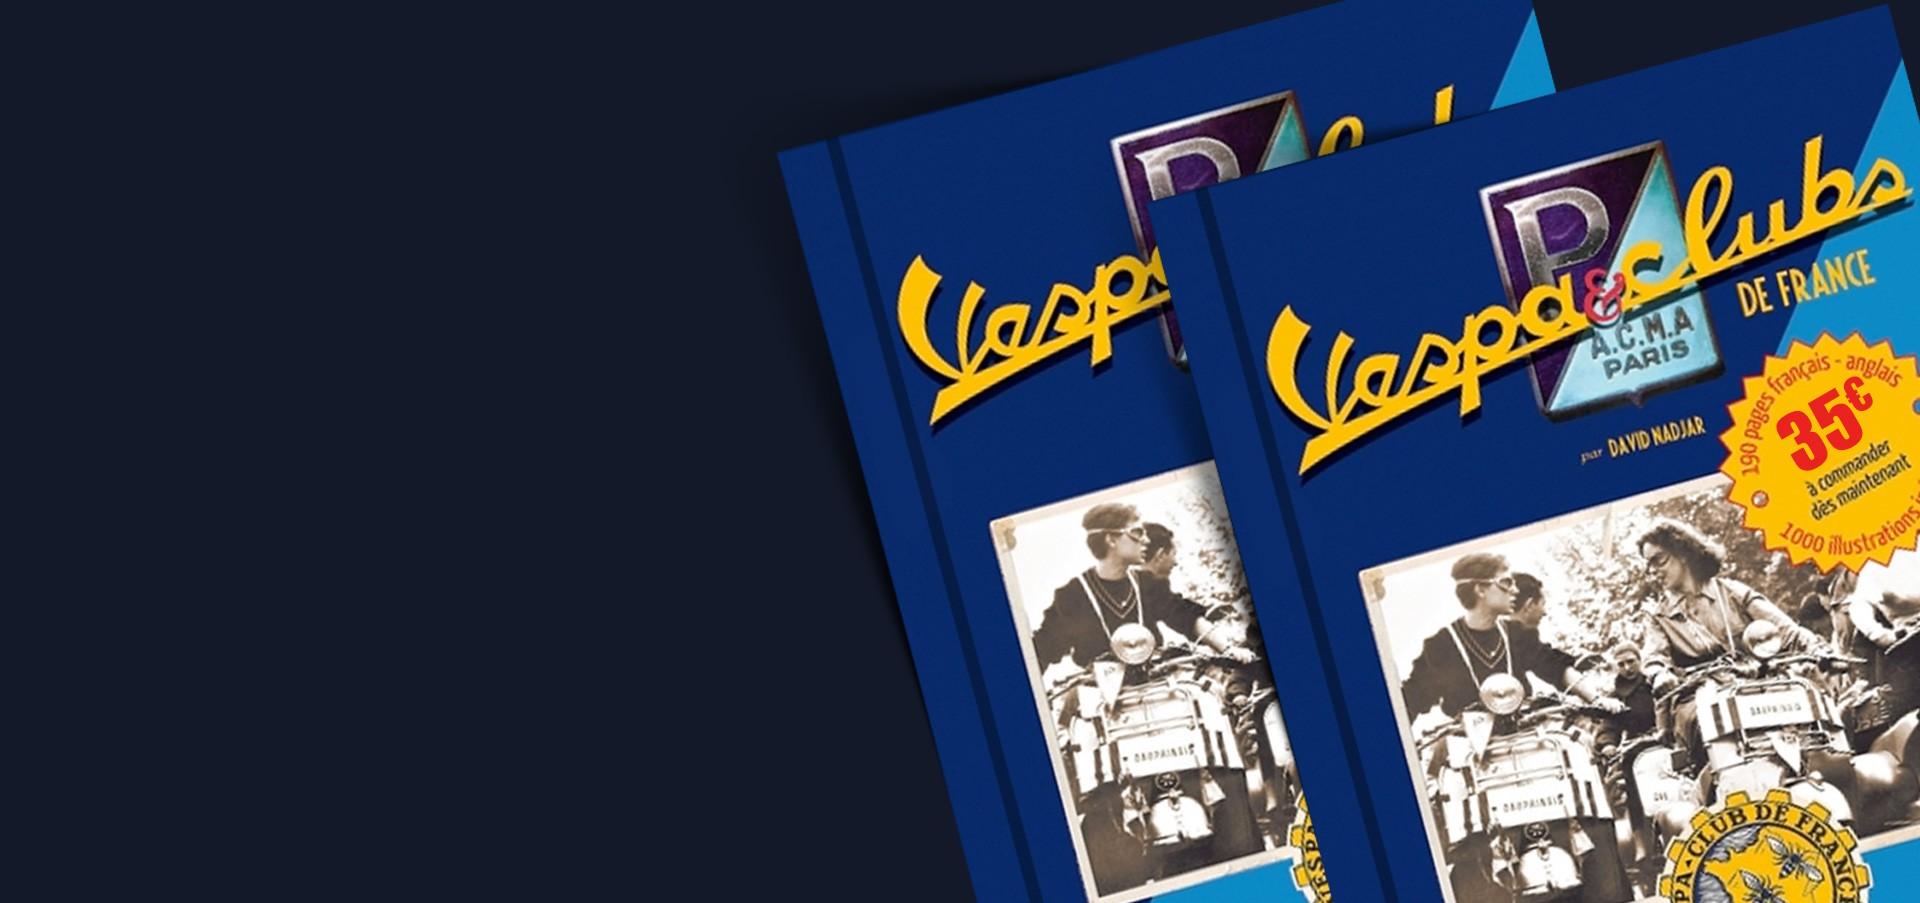 VESPA & CLUBS DE FRANCE